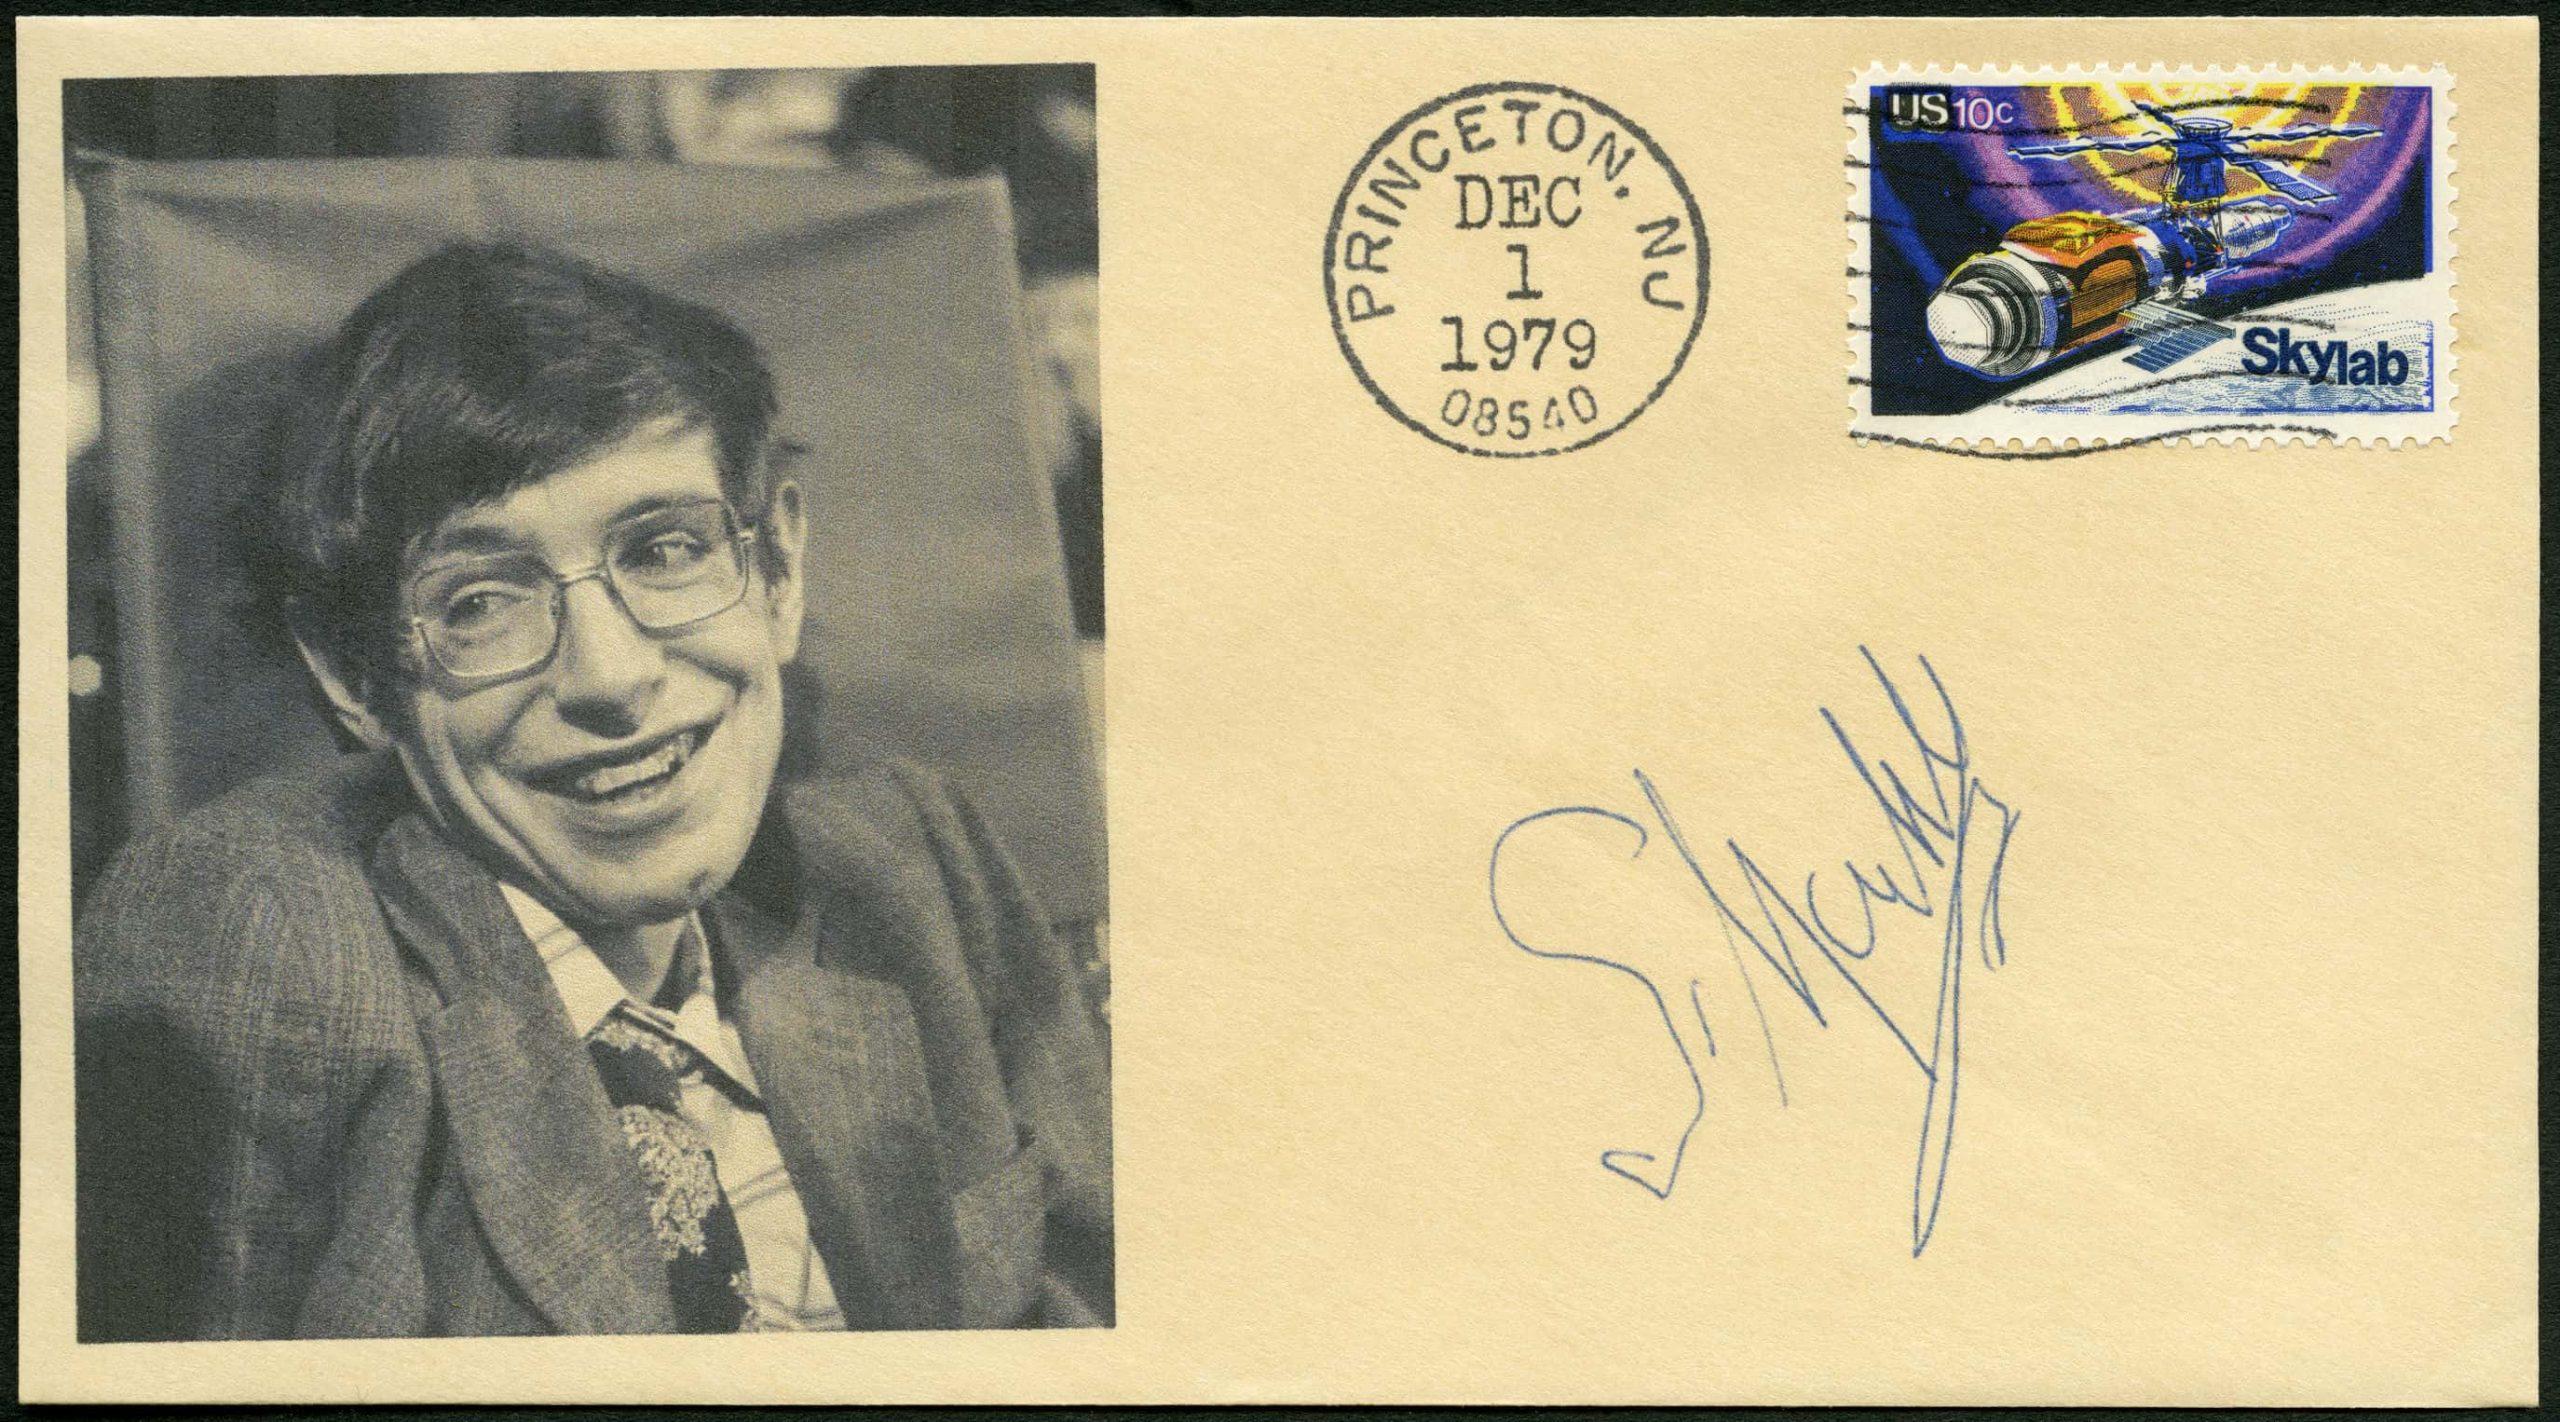 Uma carta com o carimbo de Princeton e uma foto de Stephen Hawking.